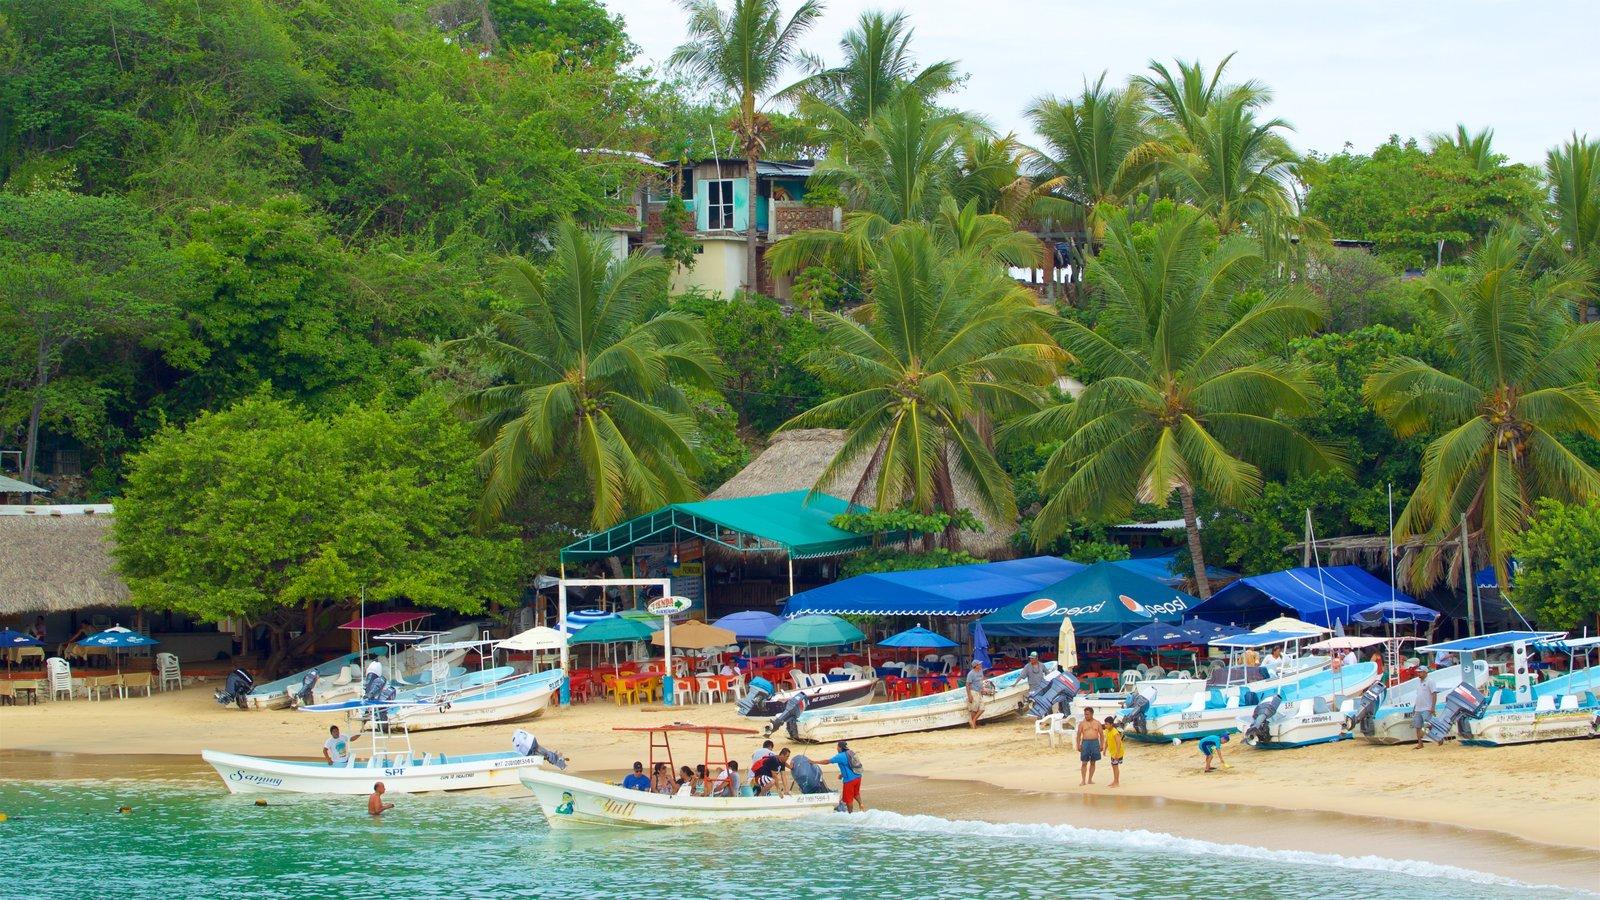 Playa Puerto Angelito ofreciendo vistas generales de la costa y una playa